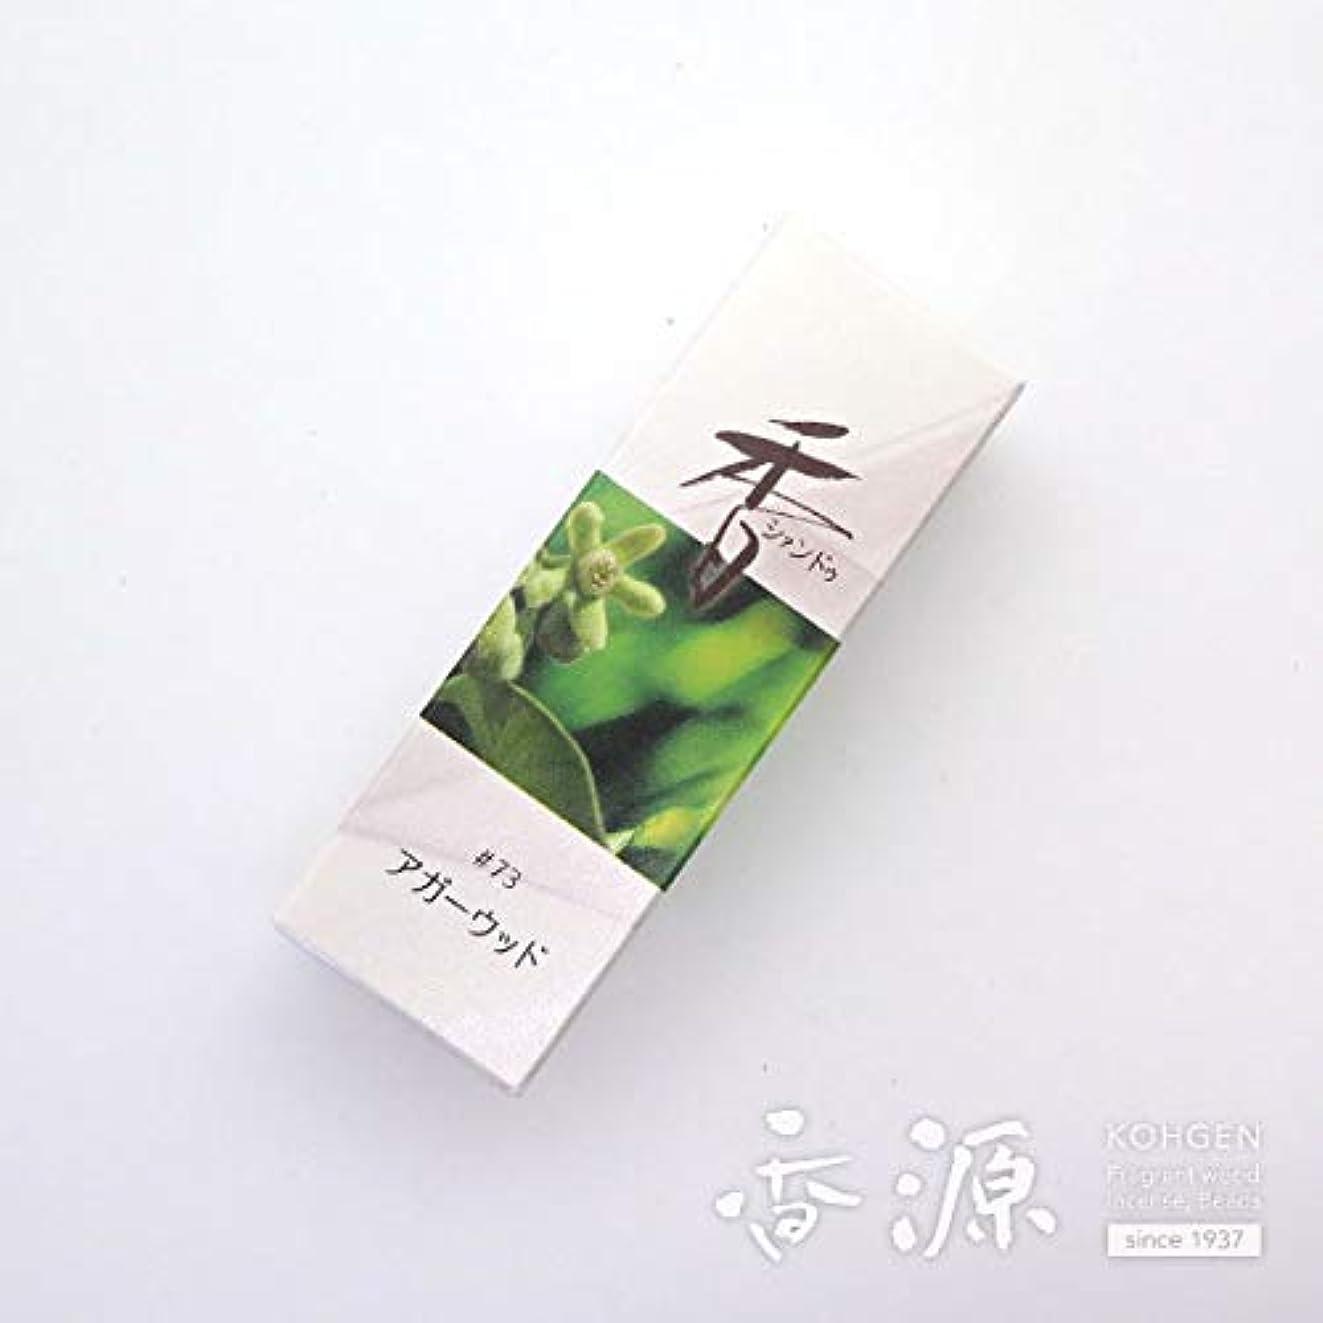 シーフード判読できないサロン松栄堂のお香 Xiang Do(シャンドゥ) アガーウッド ST20本入 簡易香立付 #214273